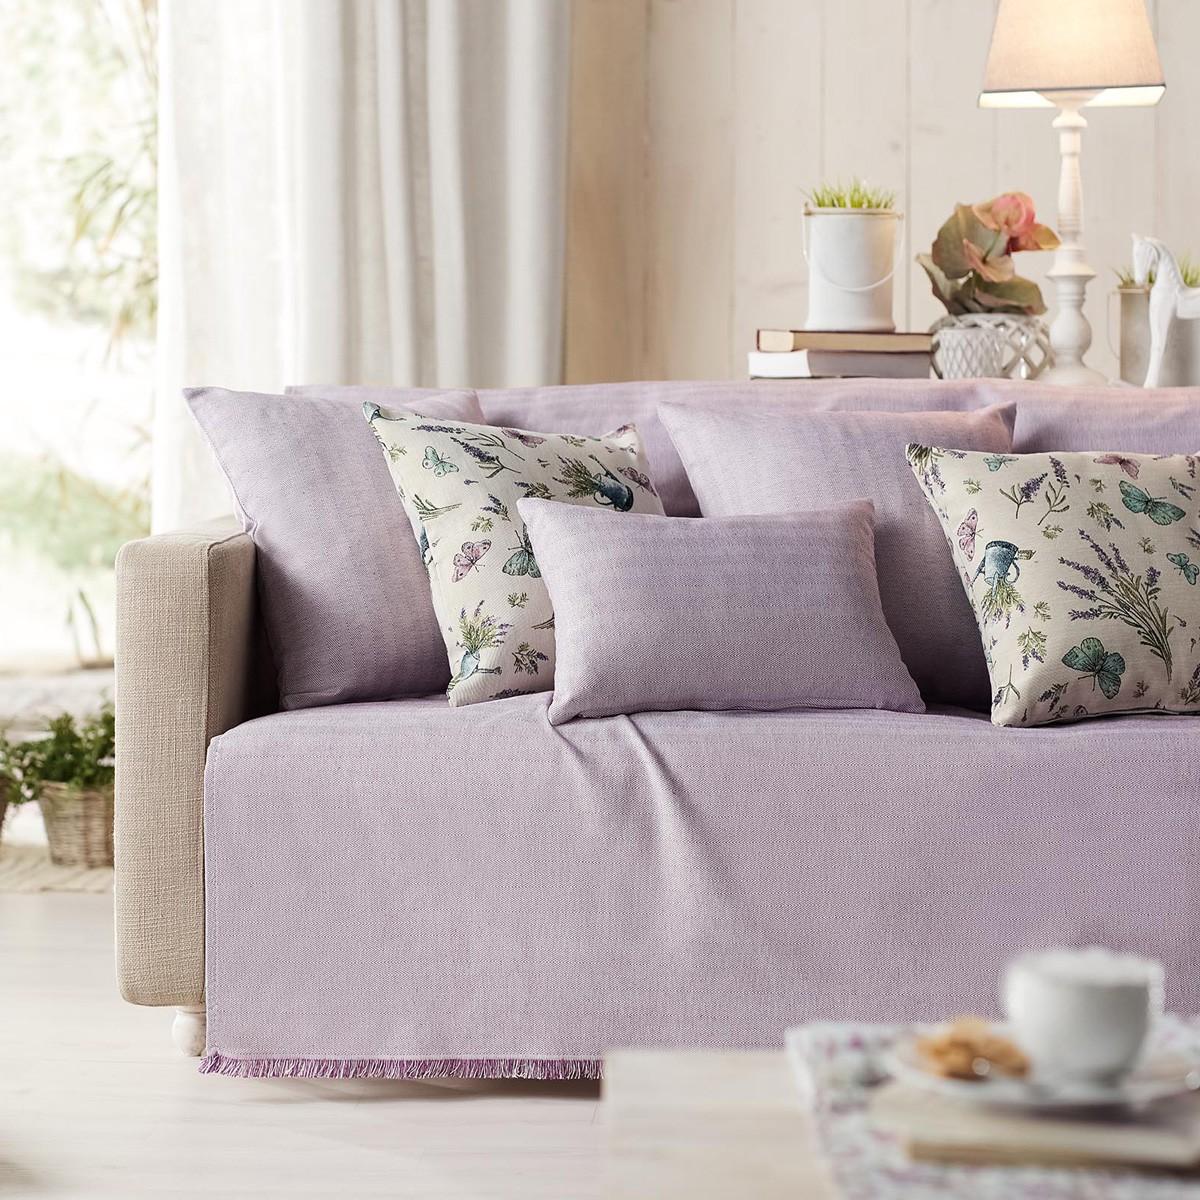 Ριχτάρι Τετραθέσιου (180x350) Gofis Home Herring Purple 732/19